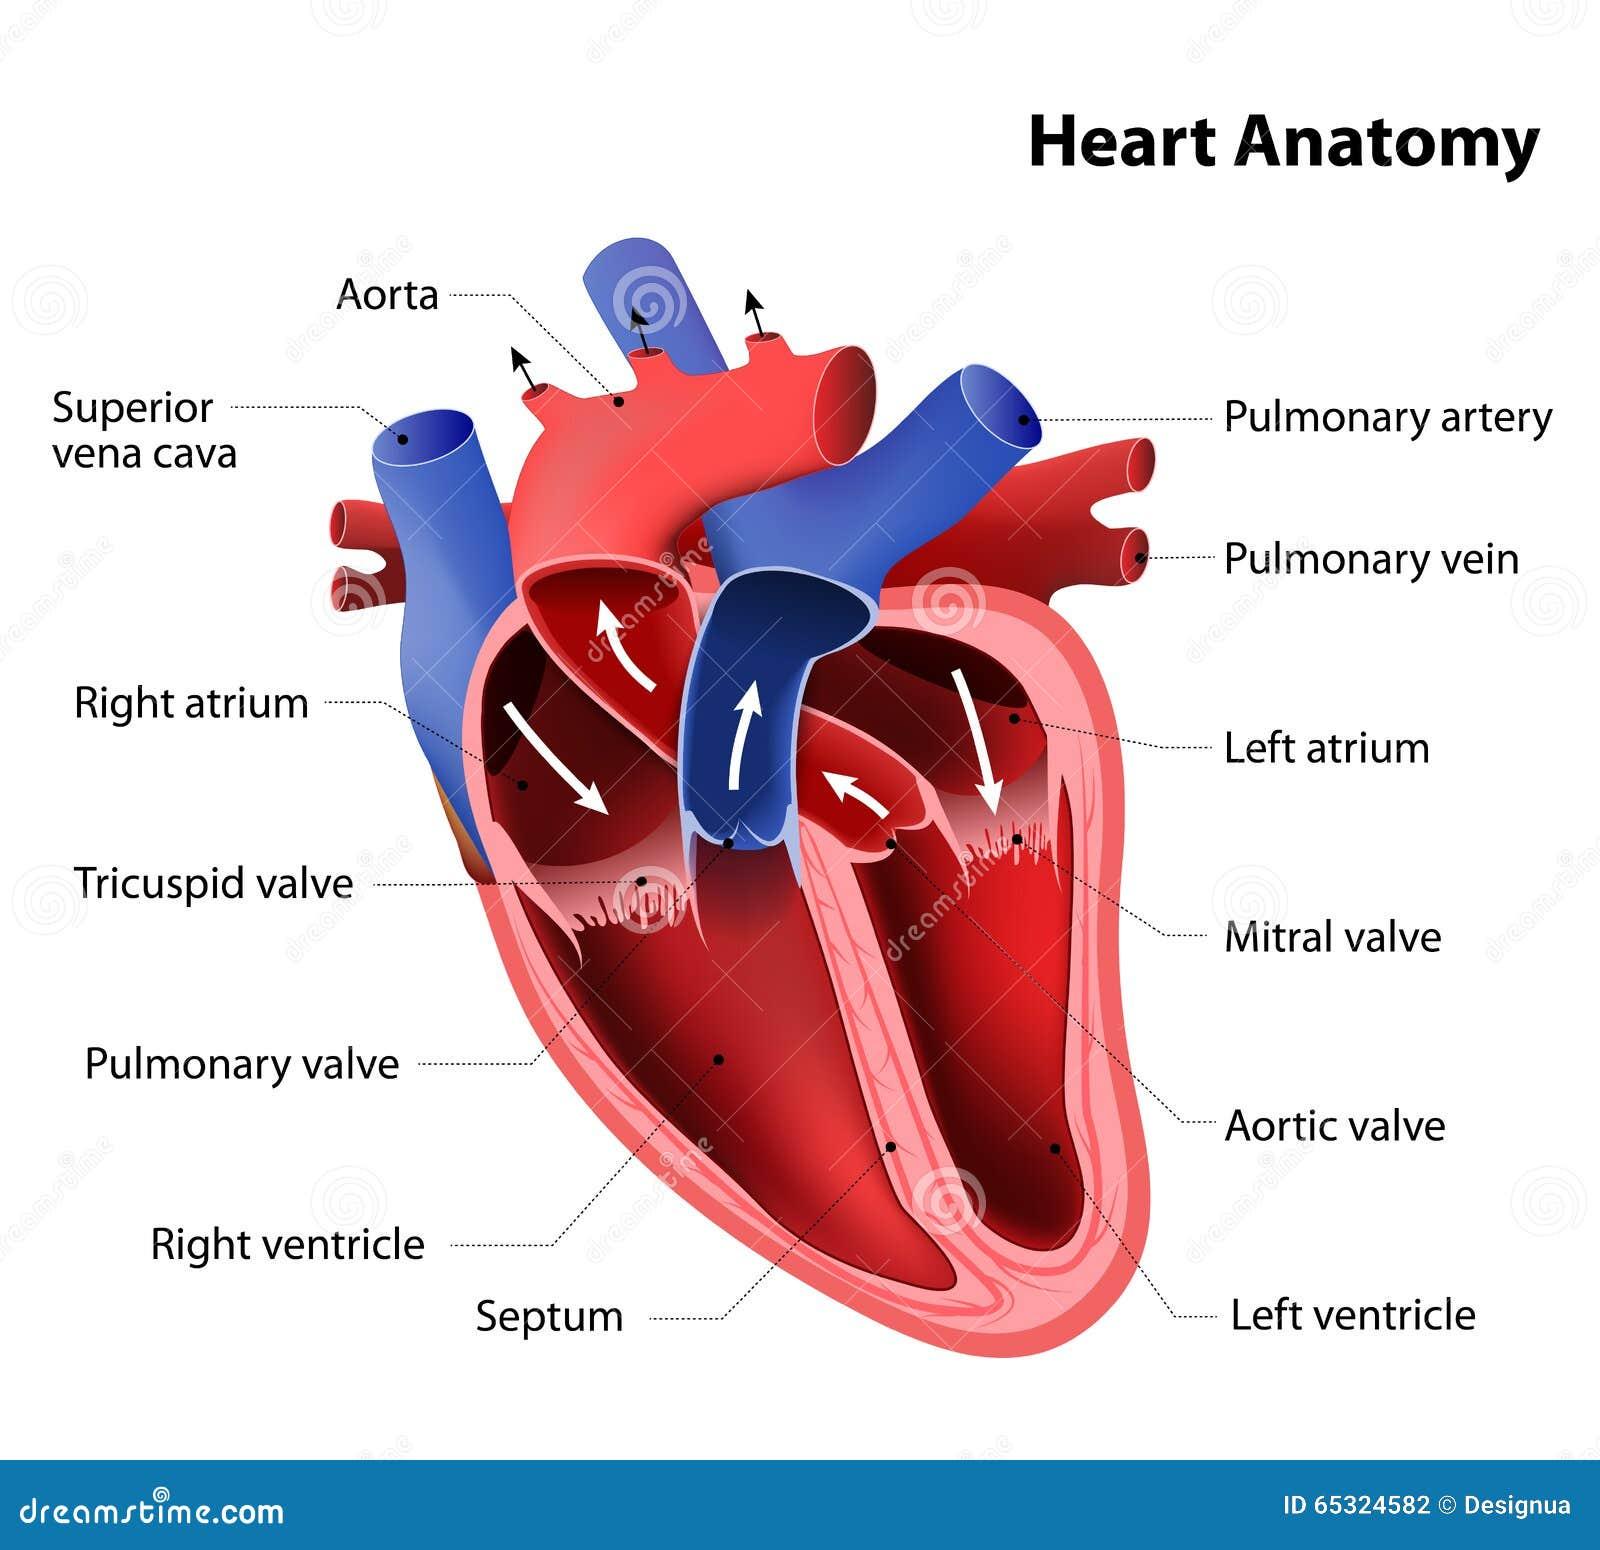 向量例证: 心脏解剖学图片